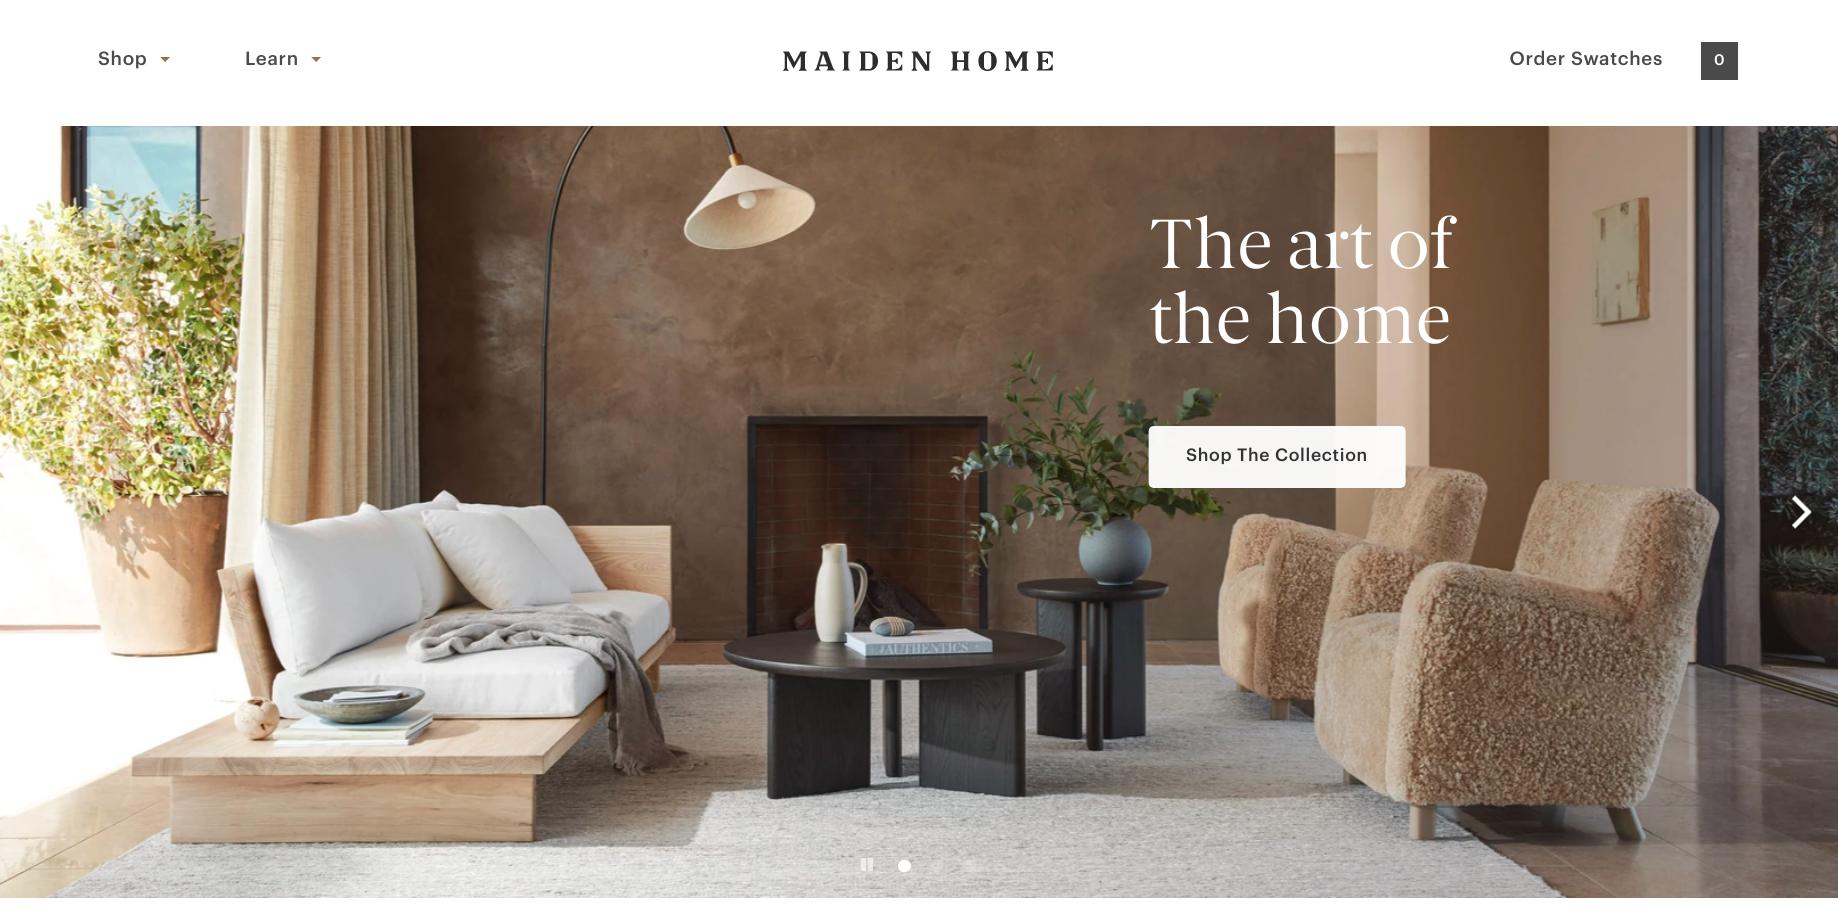 maiden-home